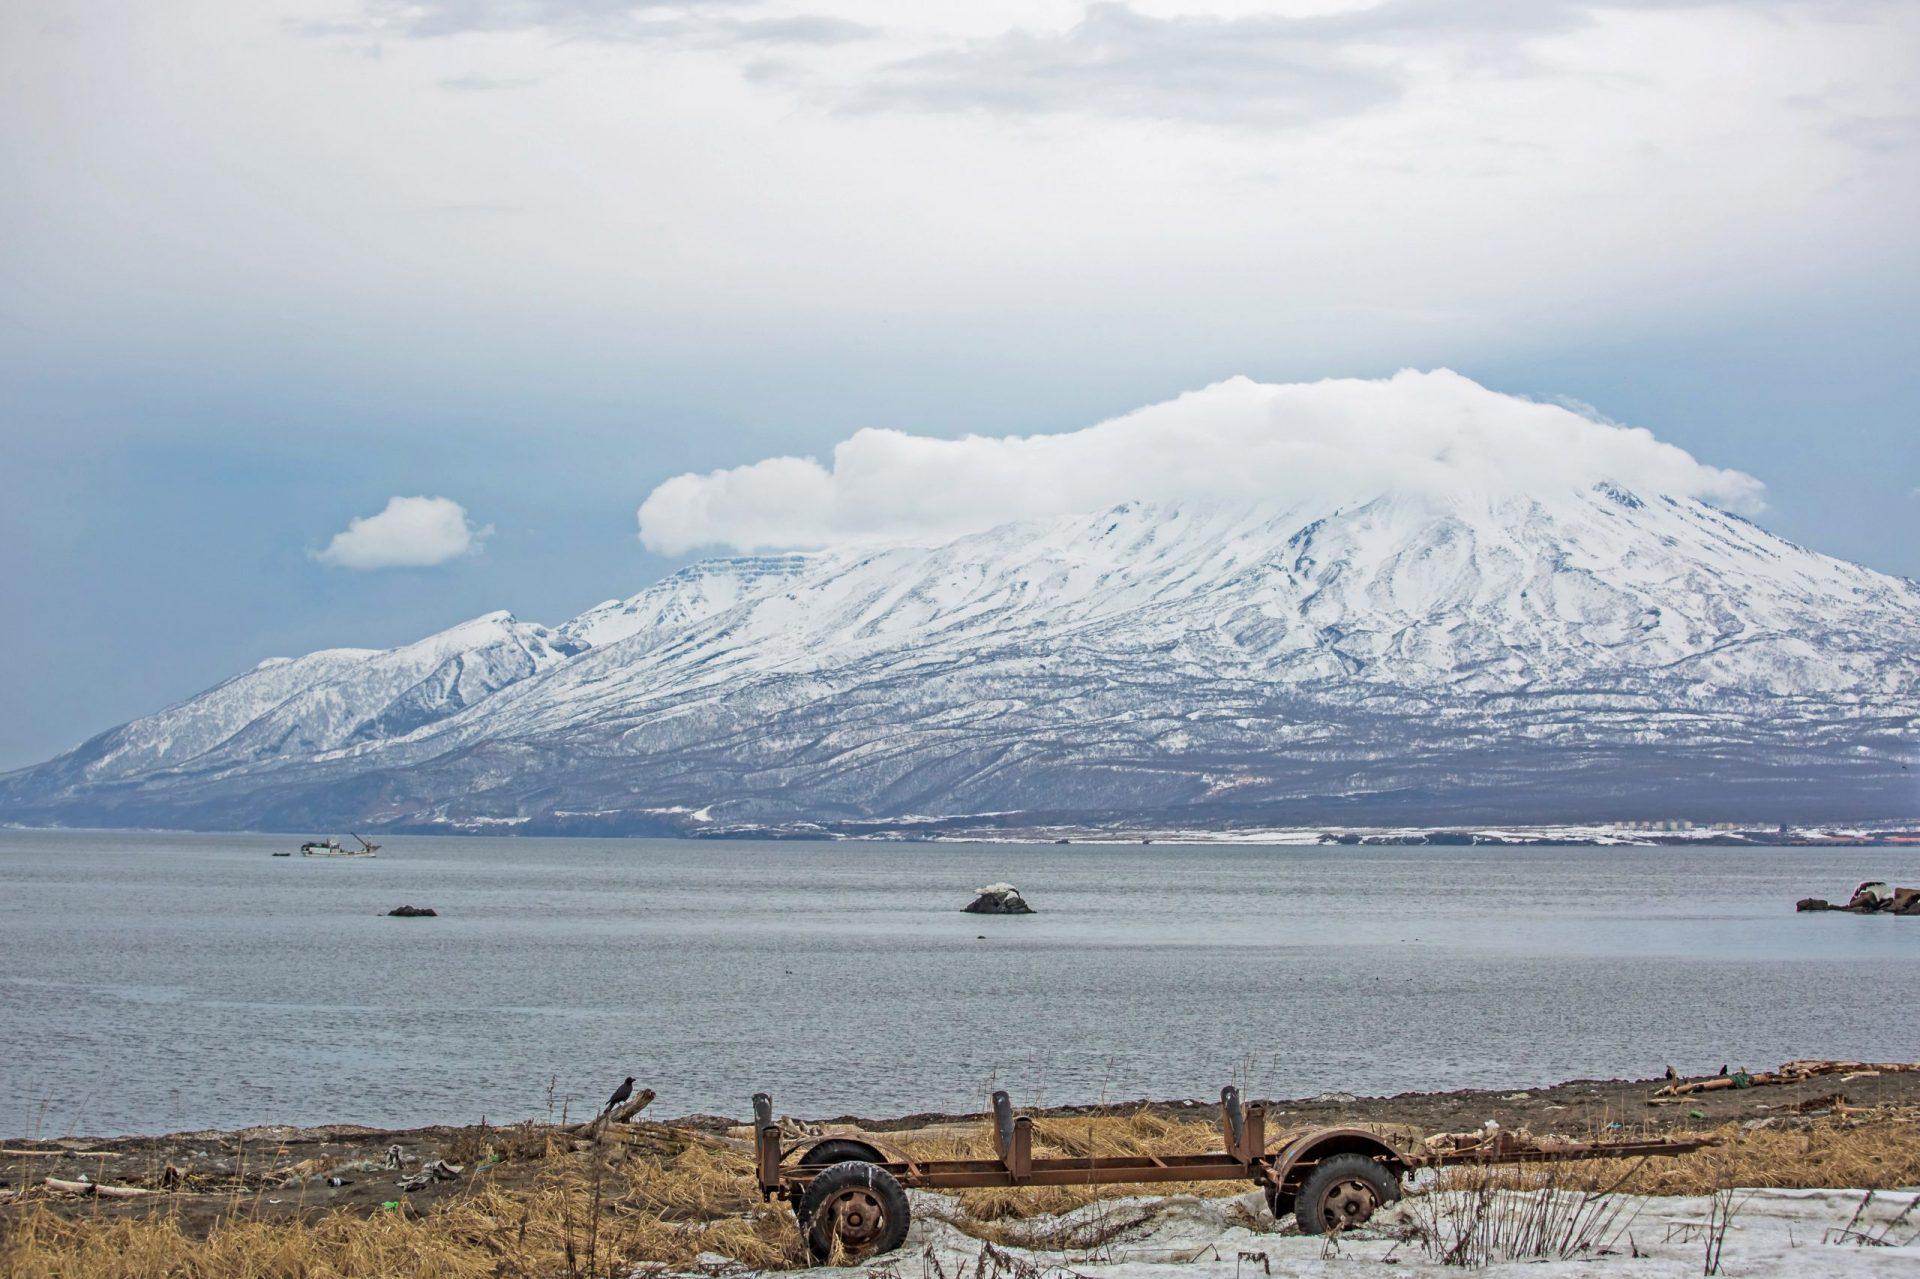 「北方4島」「竹島」、元統合幕僚長の岩崎氏「アラスカを買い取りなども参考にあらゆる手段の議論を深めるべき」